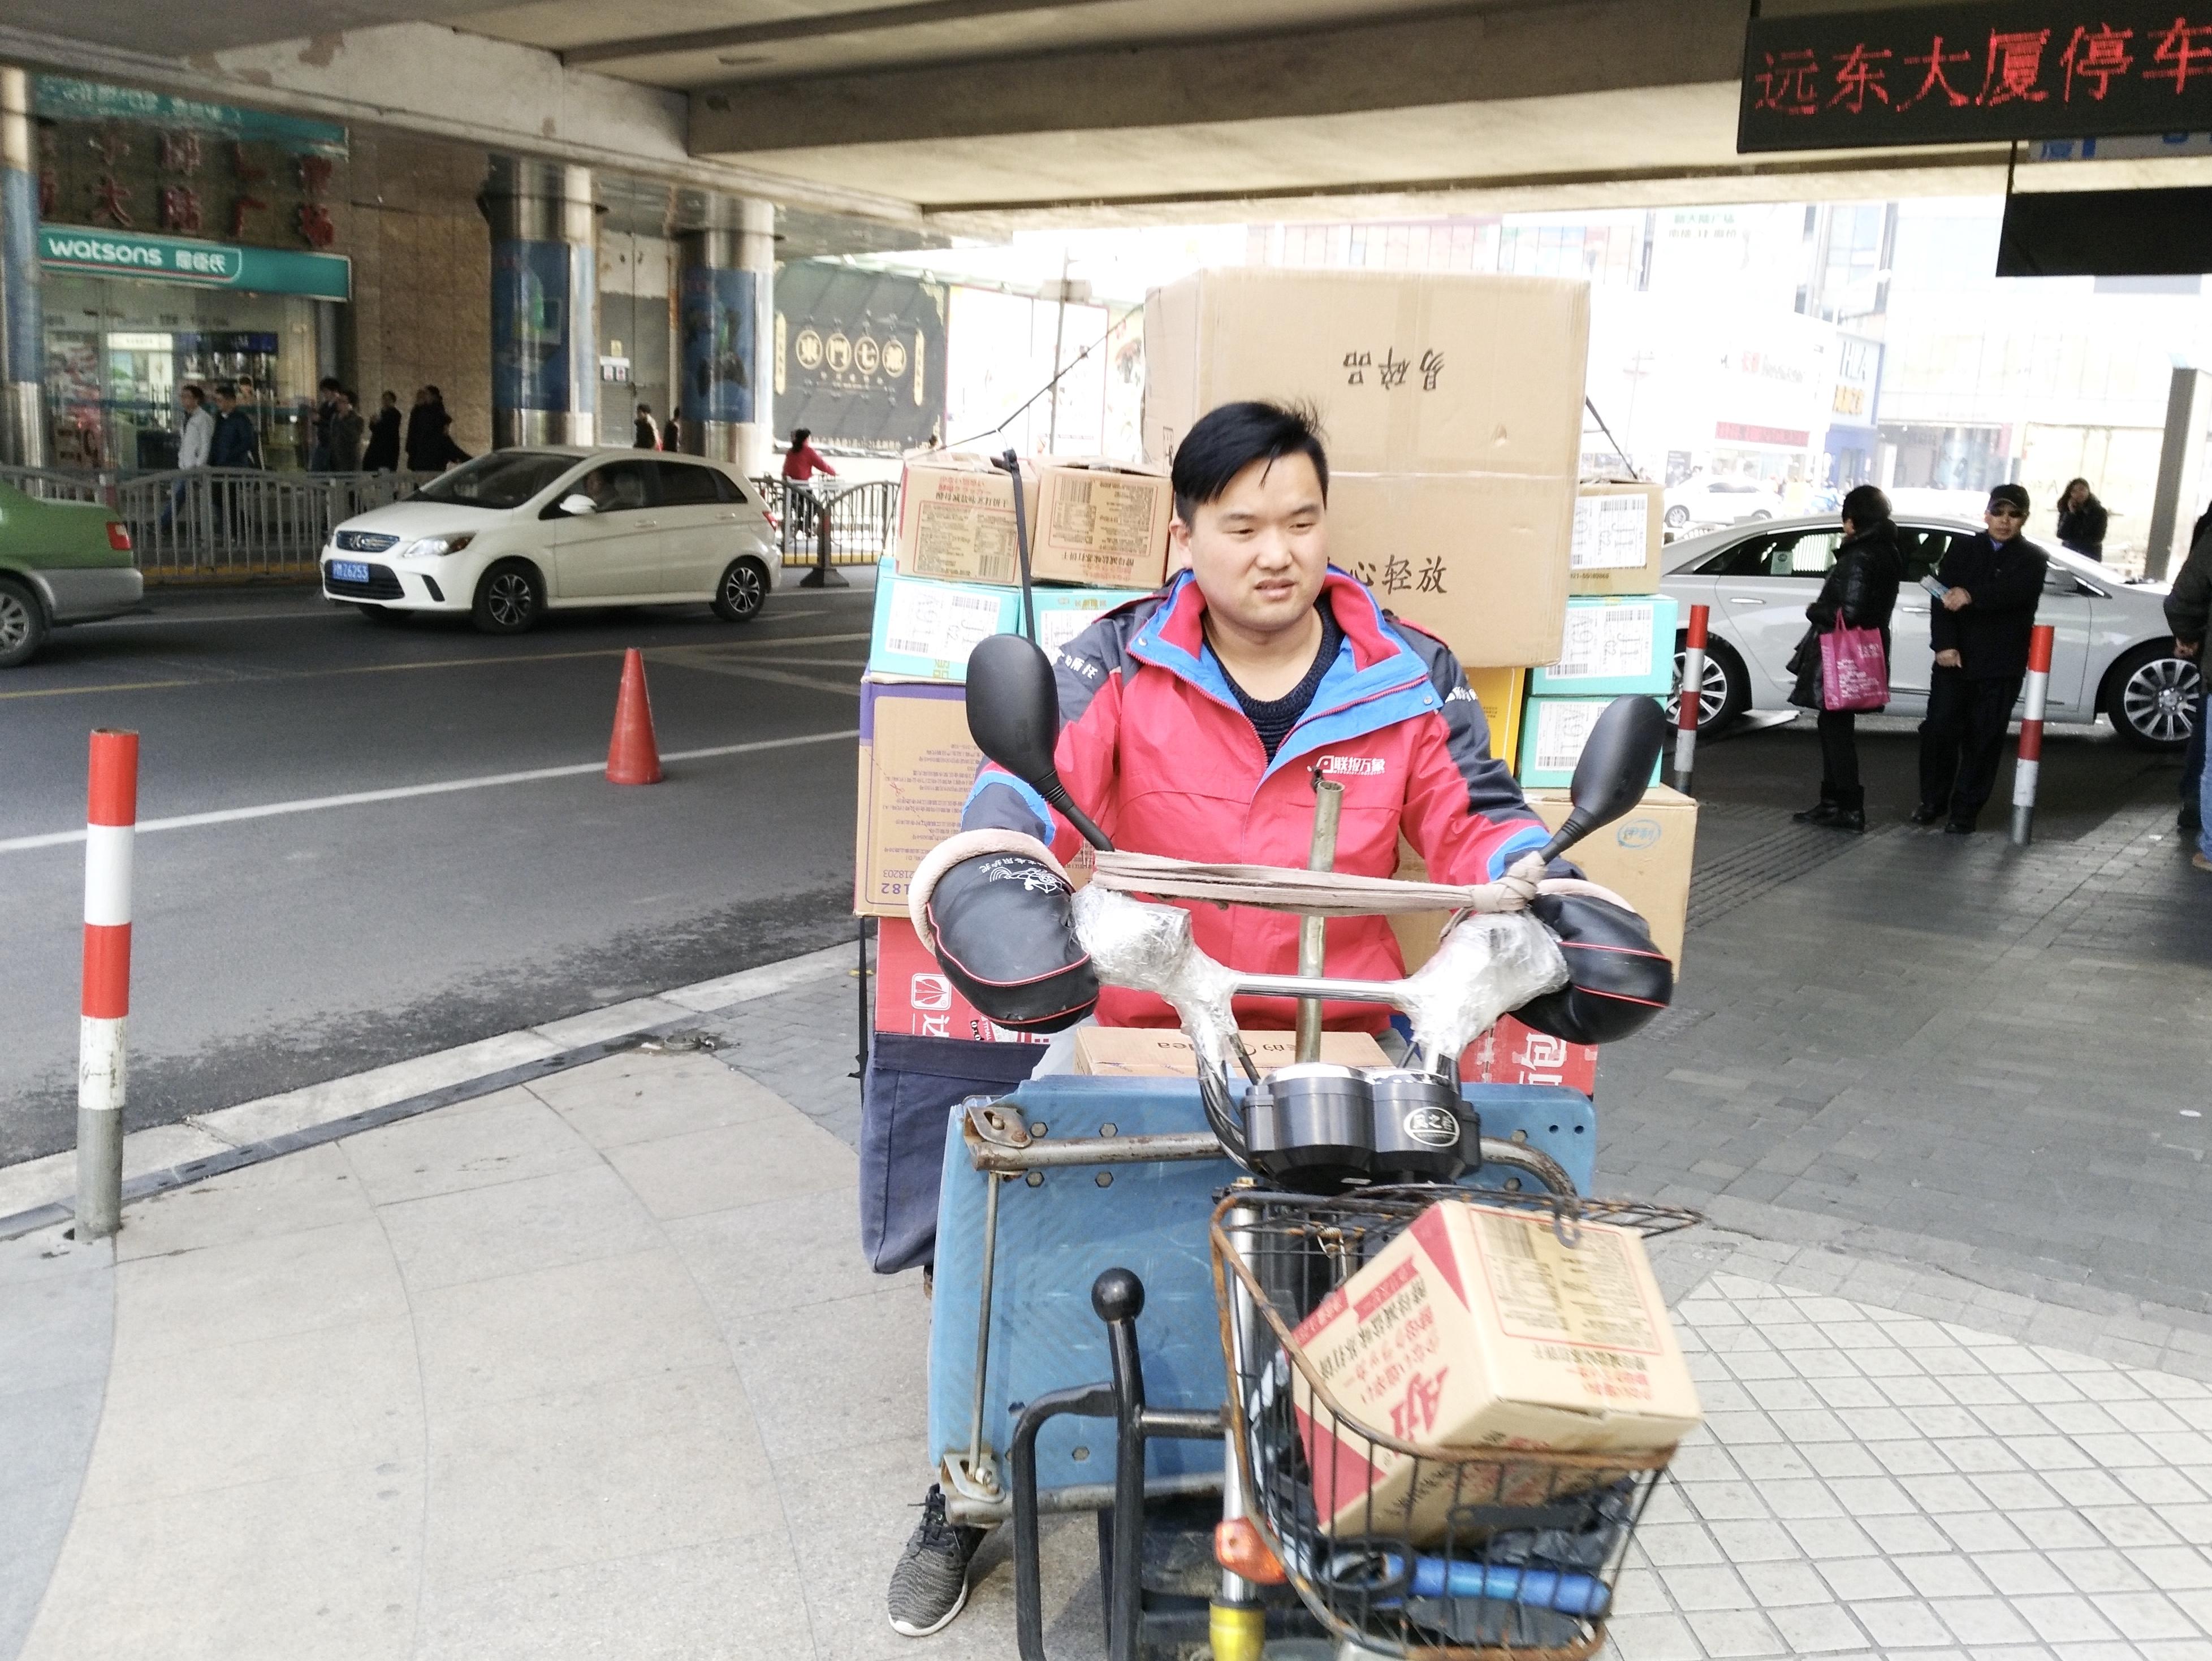 上海の電動バイク、ルール大幅改定